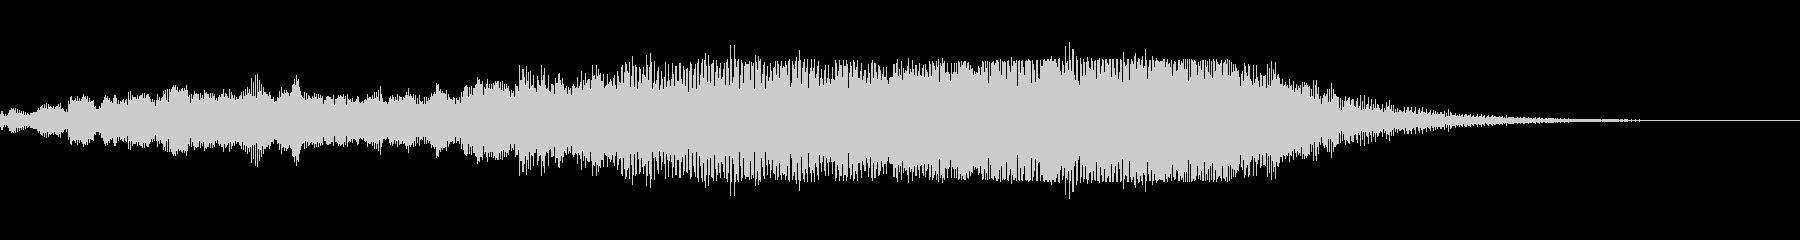 エンジェル・クワイア2の未再生の波形